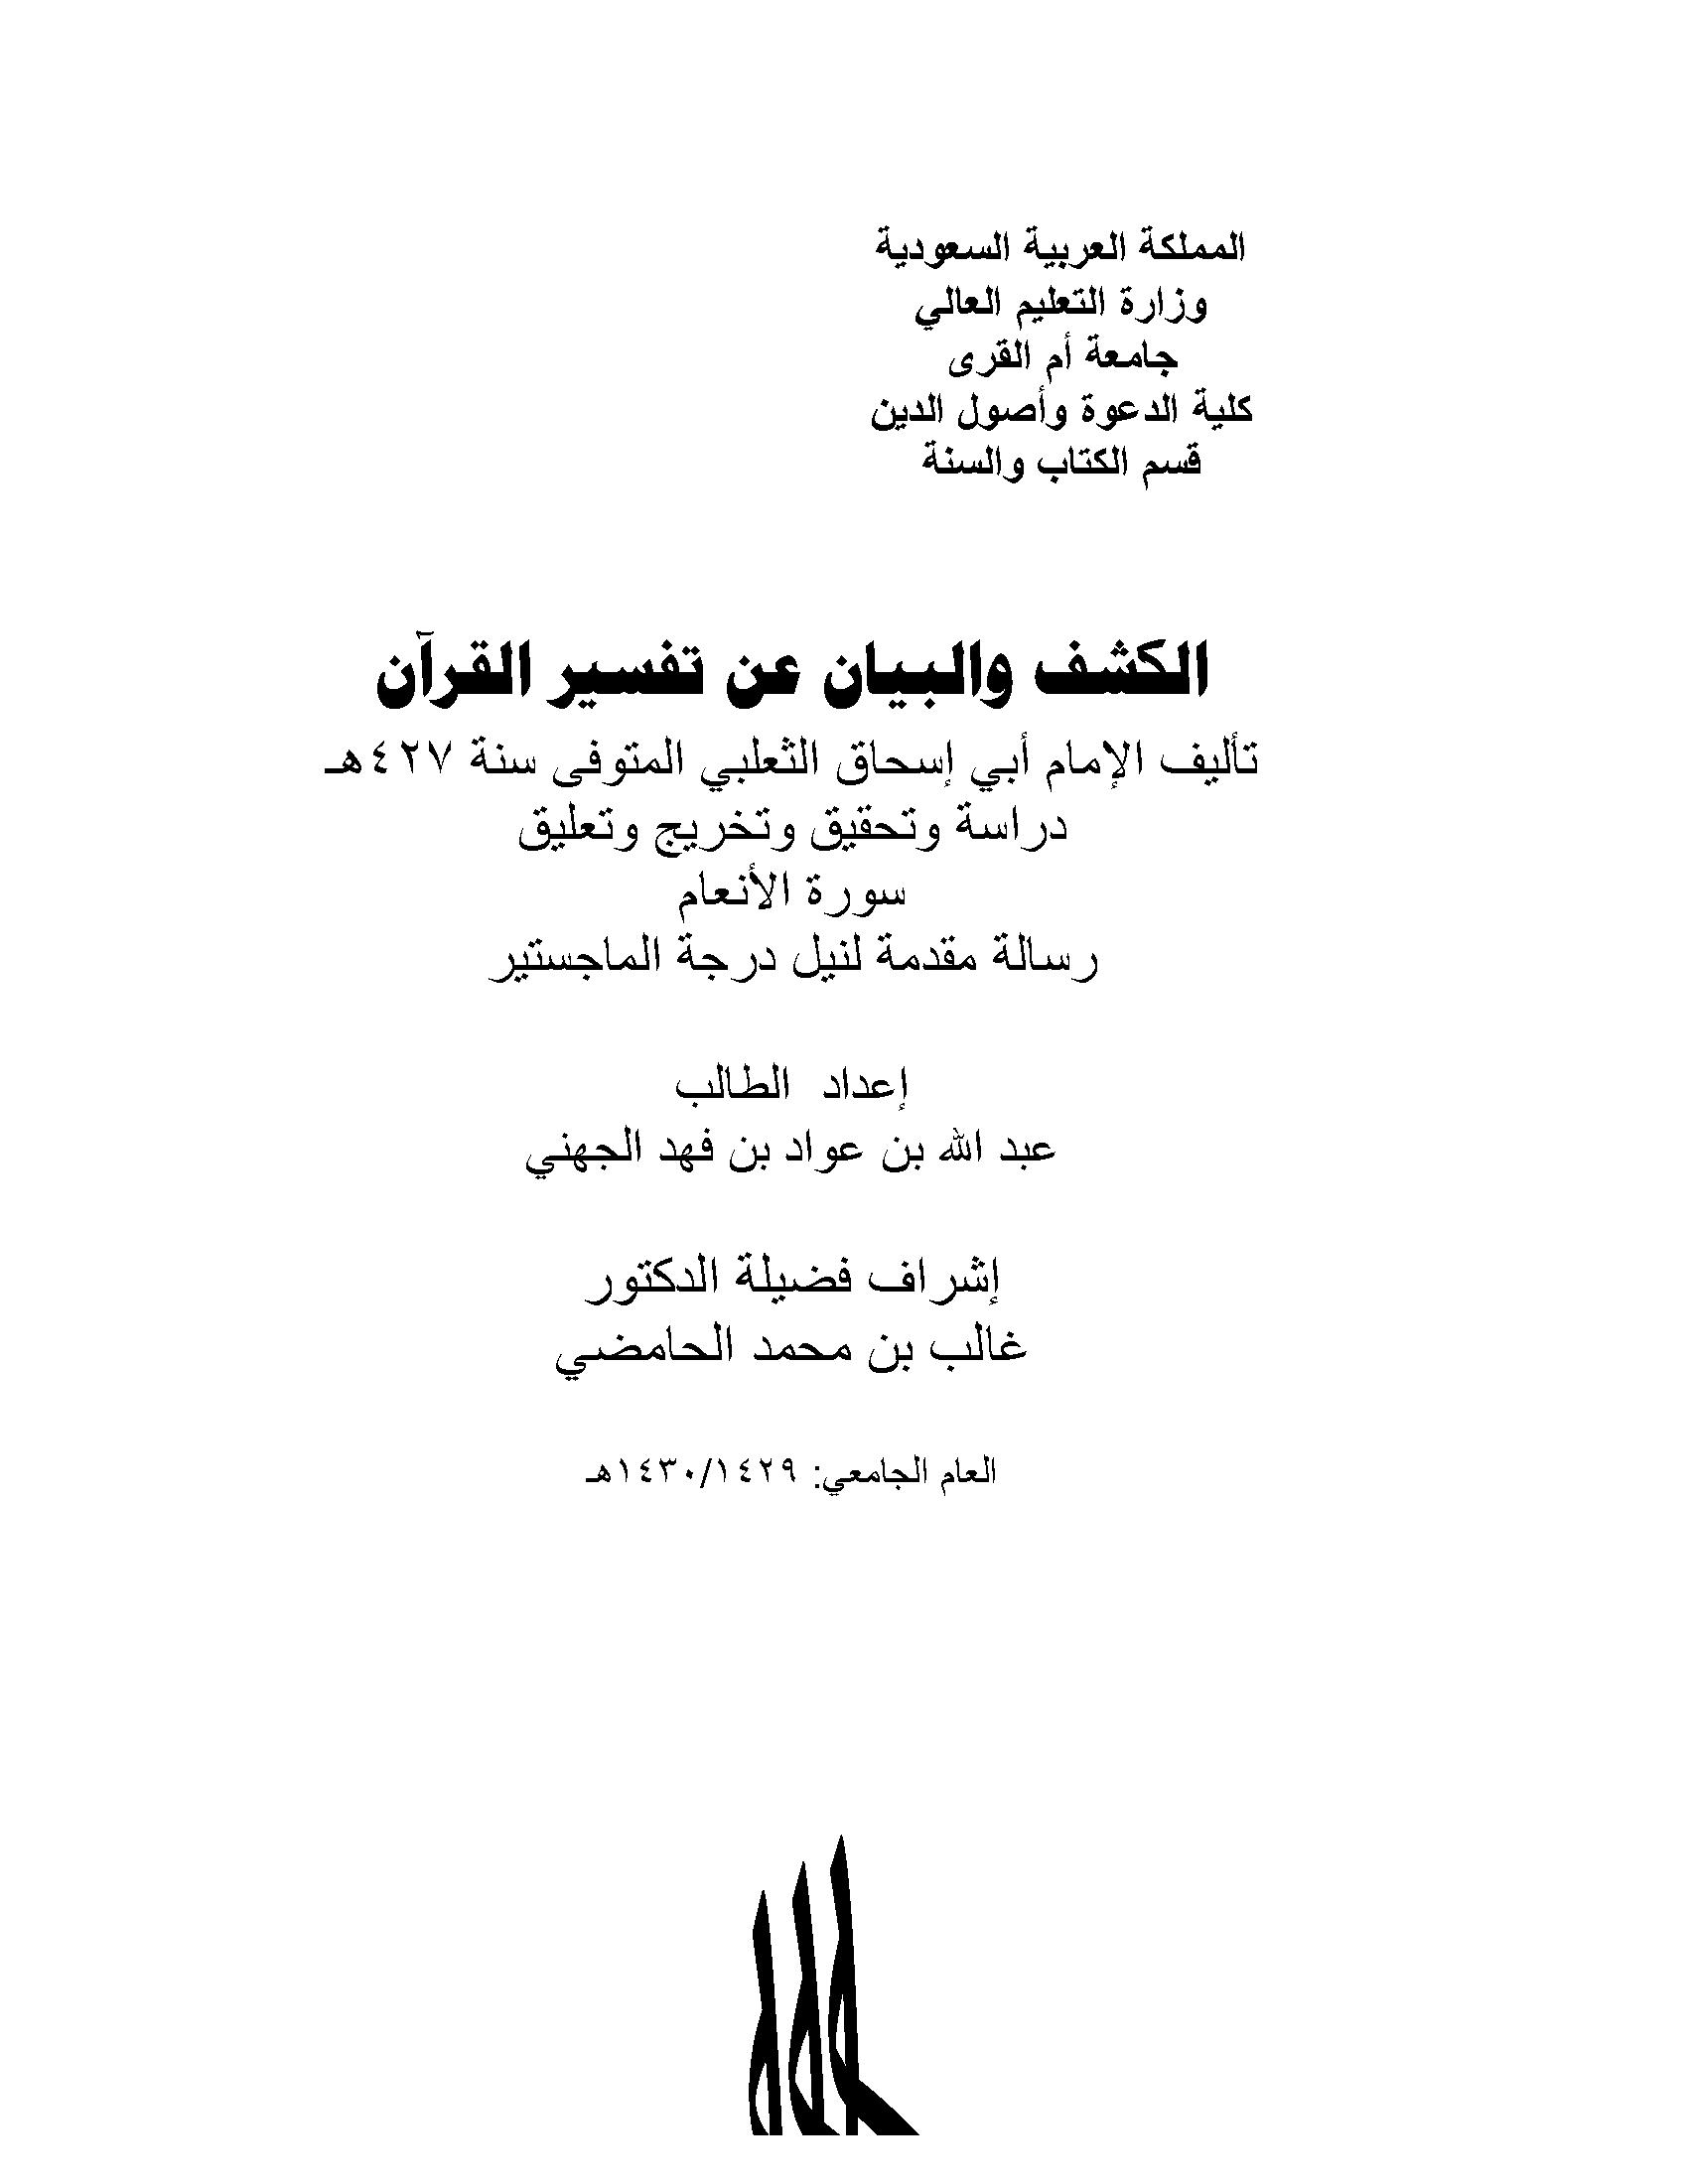 تحميل كتاب الكشف والبيان عن تفسير القرآن (سورة الأنعام) لـِ: الإمام أبو إسحاق أحمد بن محمد بن إبراهيم الثعلبي النيسابوري (ت 427)